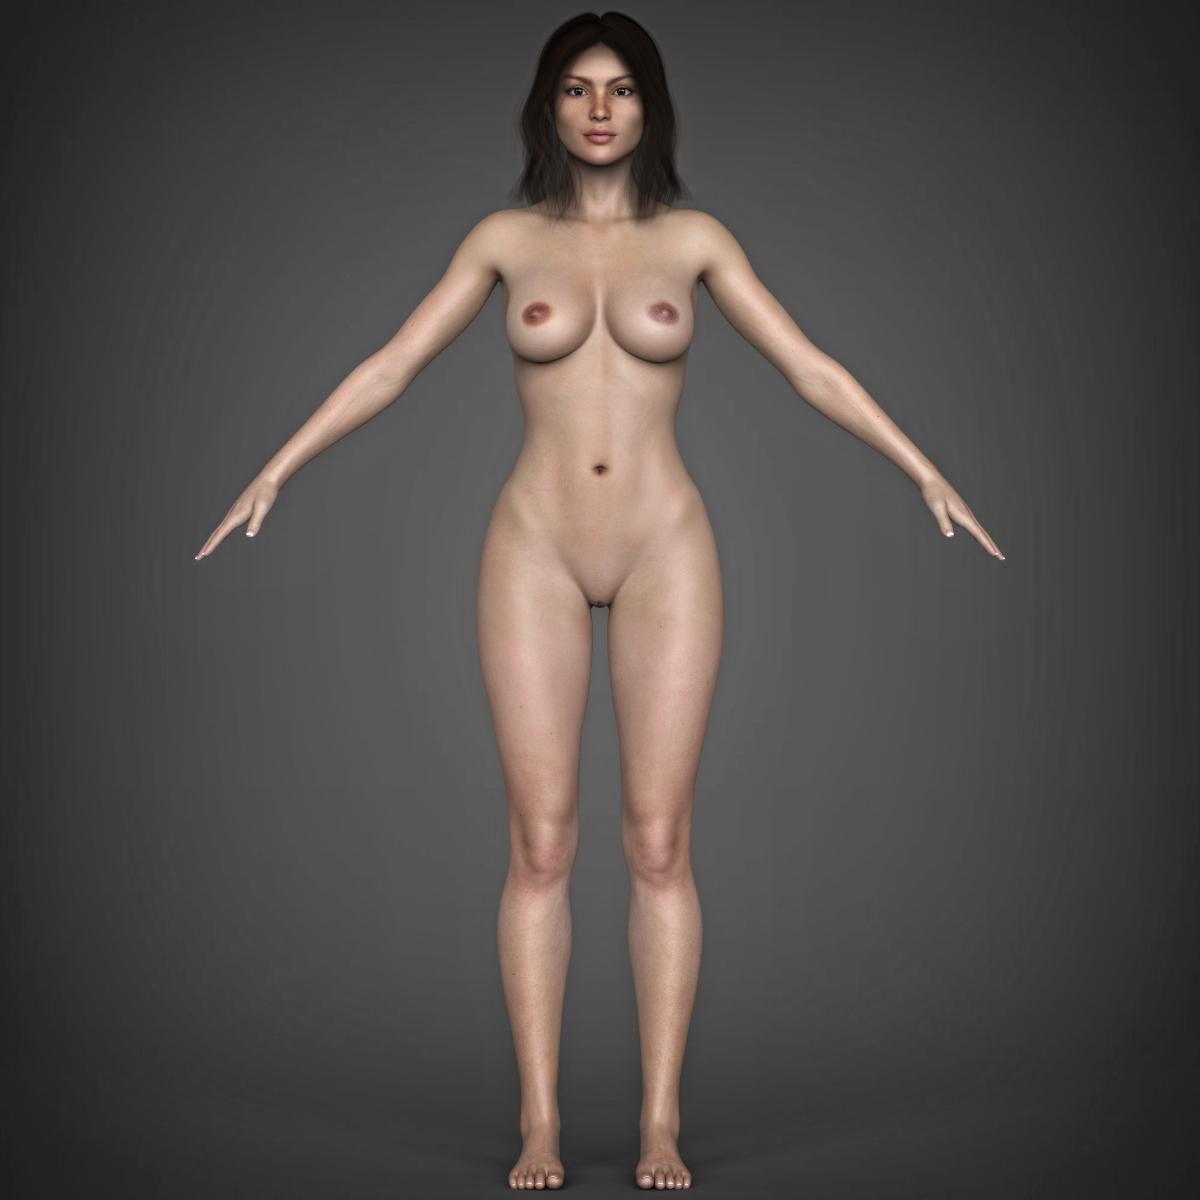 young beautiful woman 3d model max fbx c4d ma mb texture obj 223035